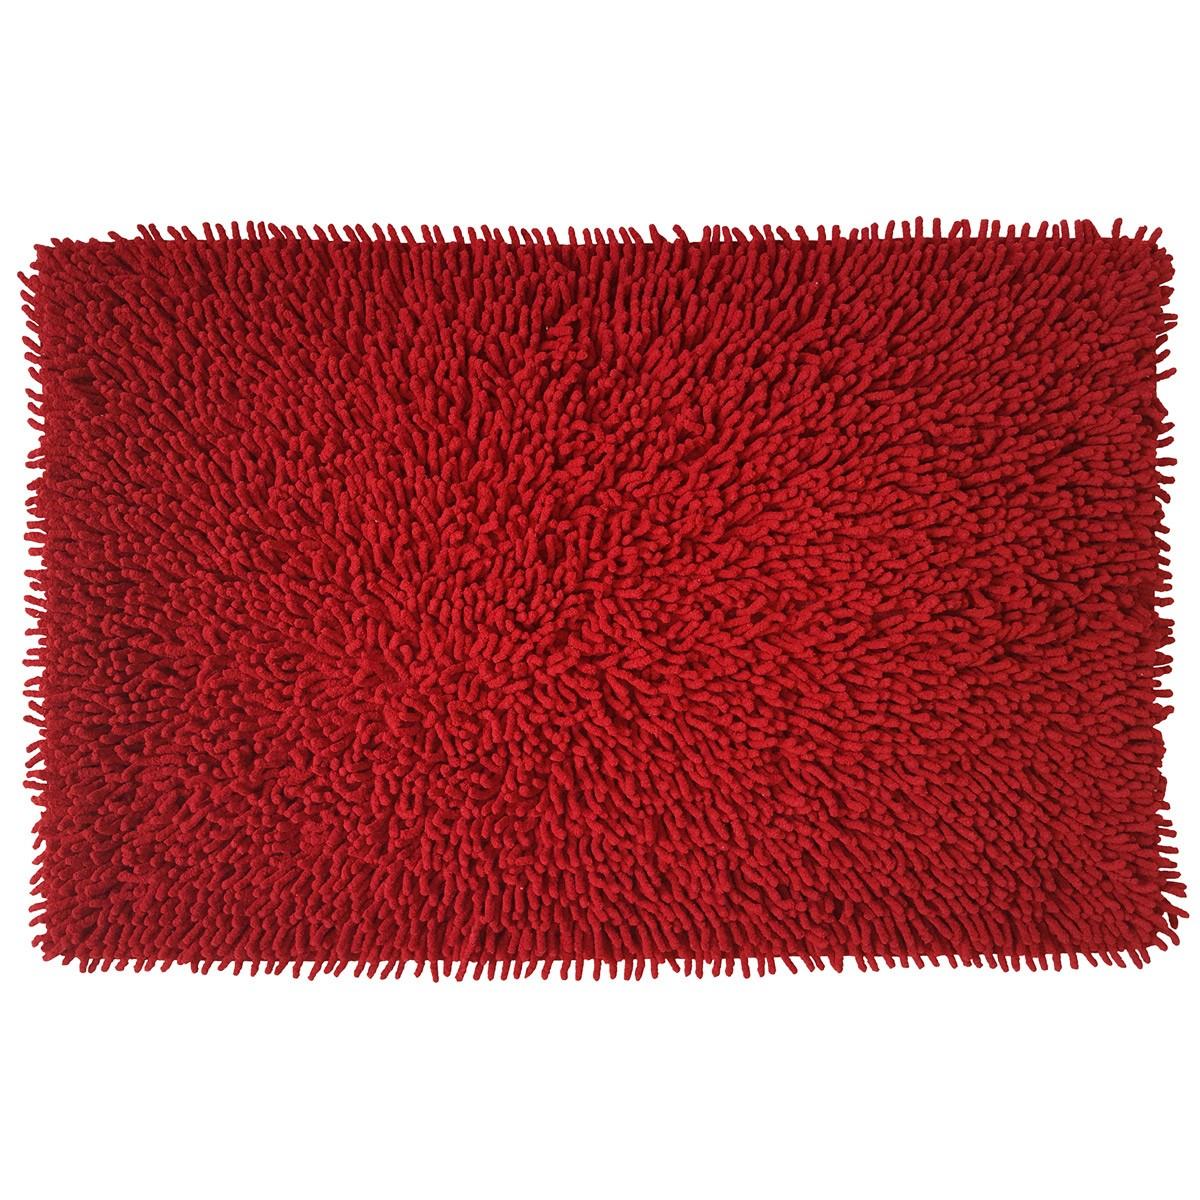 Πατάκι Μπάνιου (50×80) Raibow Chenille Loop 05567 Κόκκινο/Βυσσιν